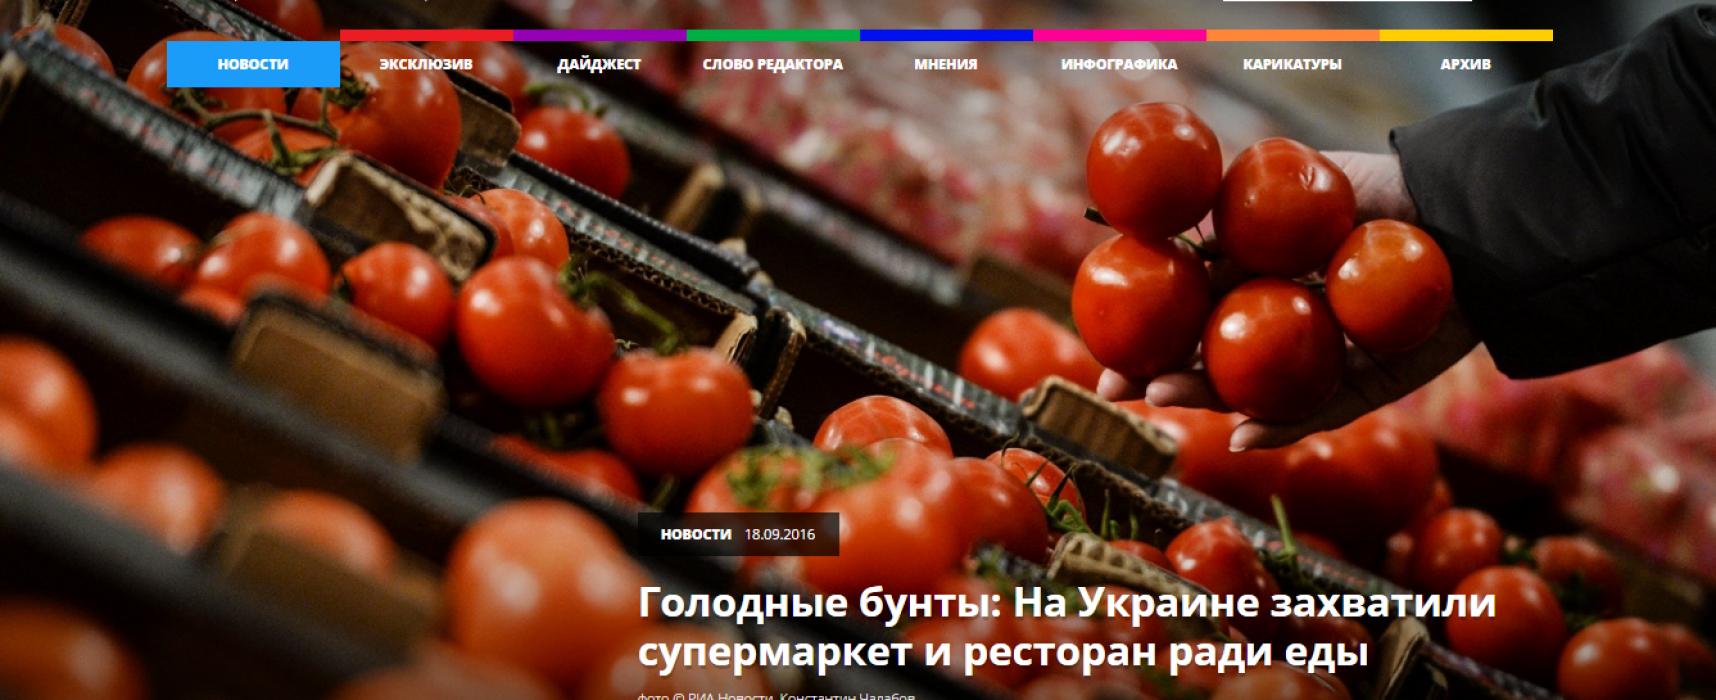 Фейк: В Украйна избухнали гладни бунтове